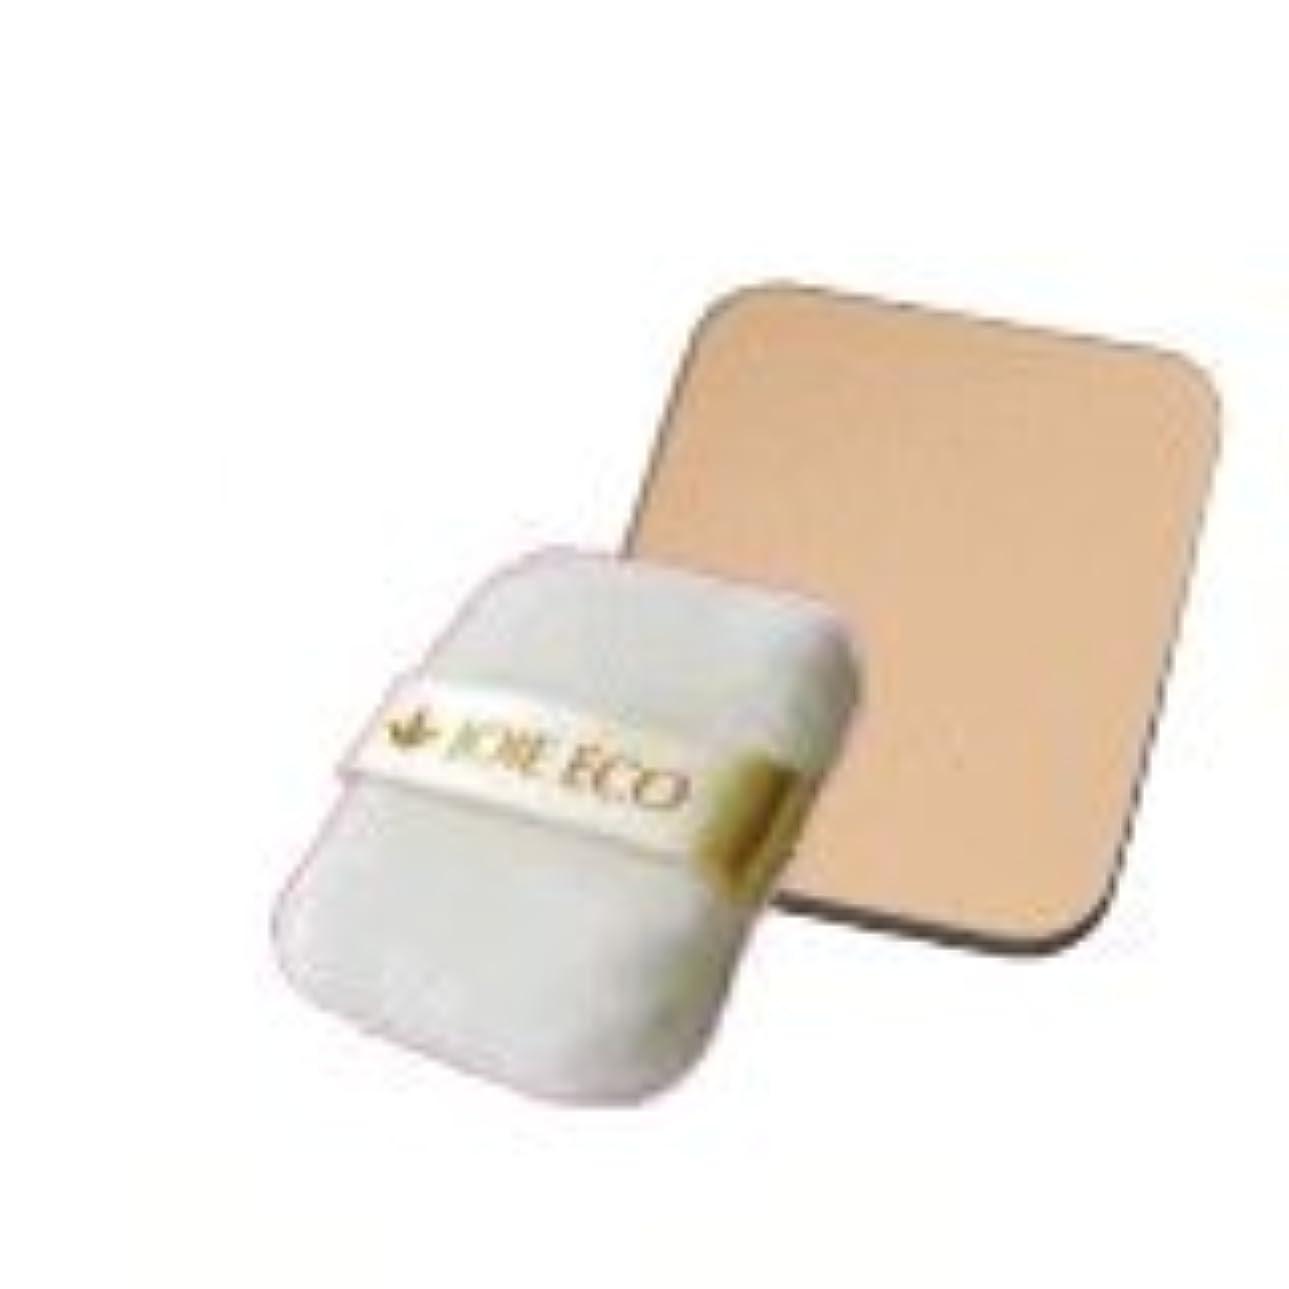 ビーバンジョア ジョアエコ411Y UV光リフレクトパウダー リフィル/パフ付き 11g(ふわパフ付き)